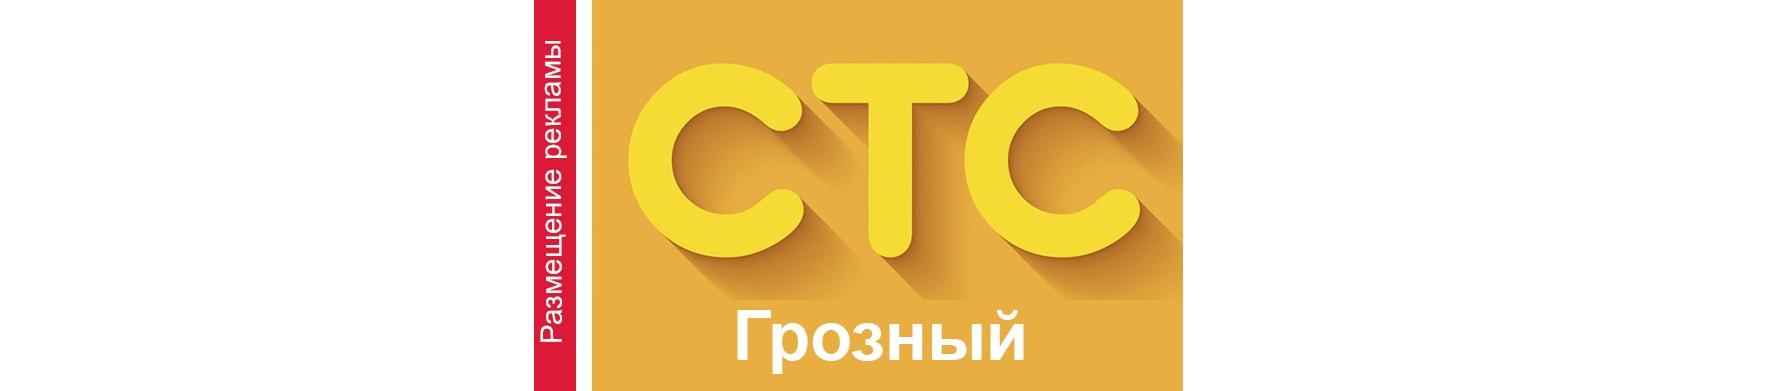 Реклама на телевидении в Чечне СТС Грозный